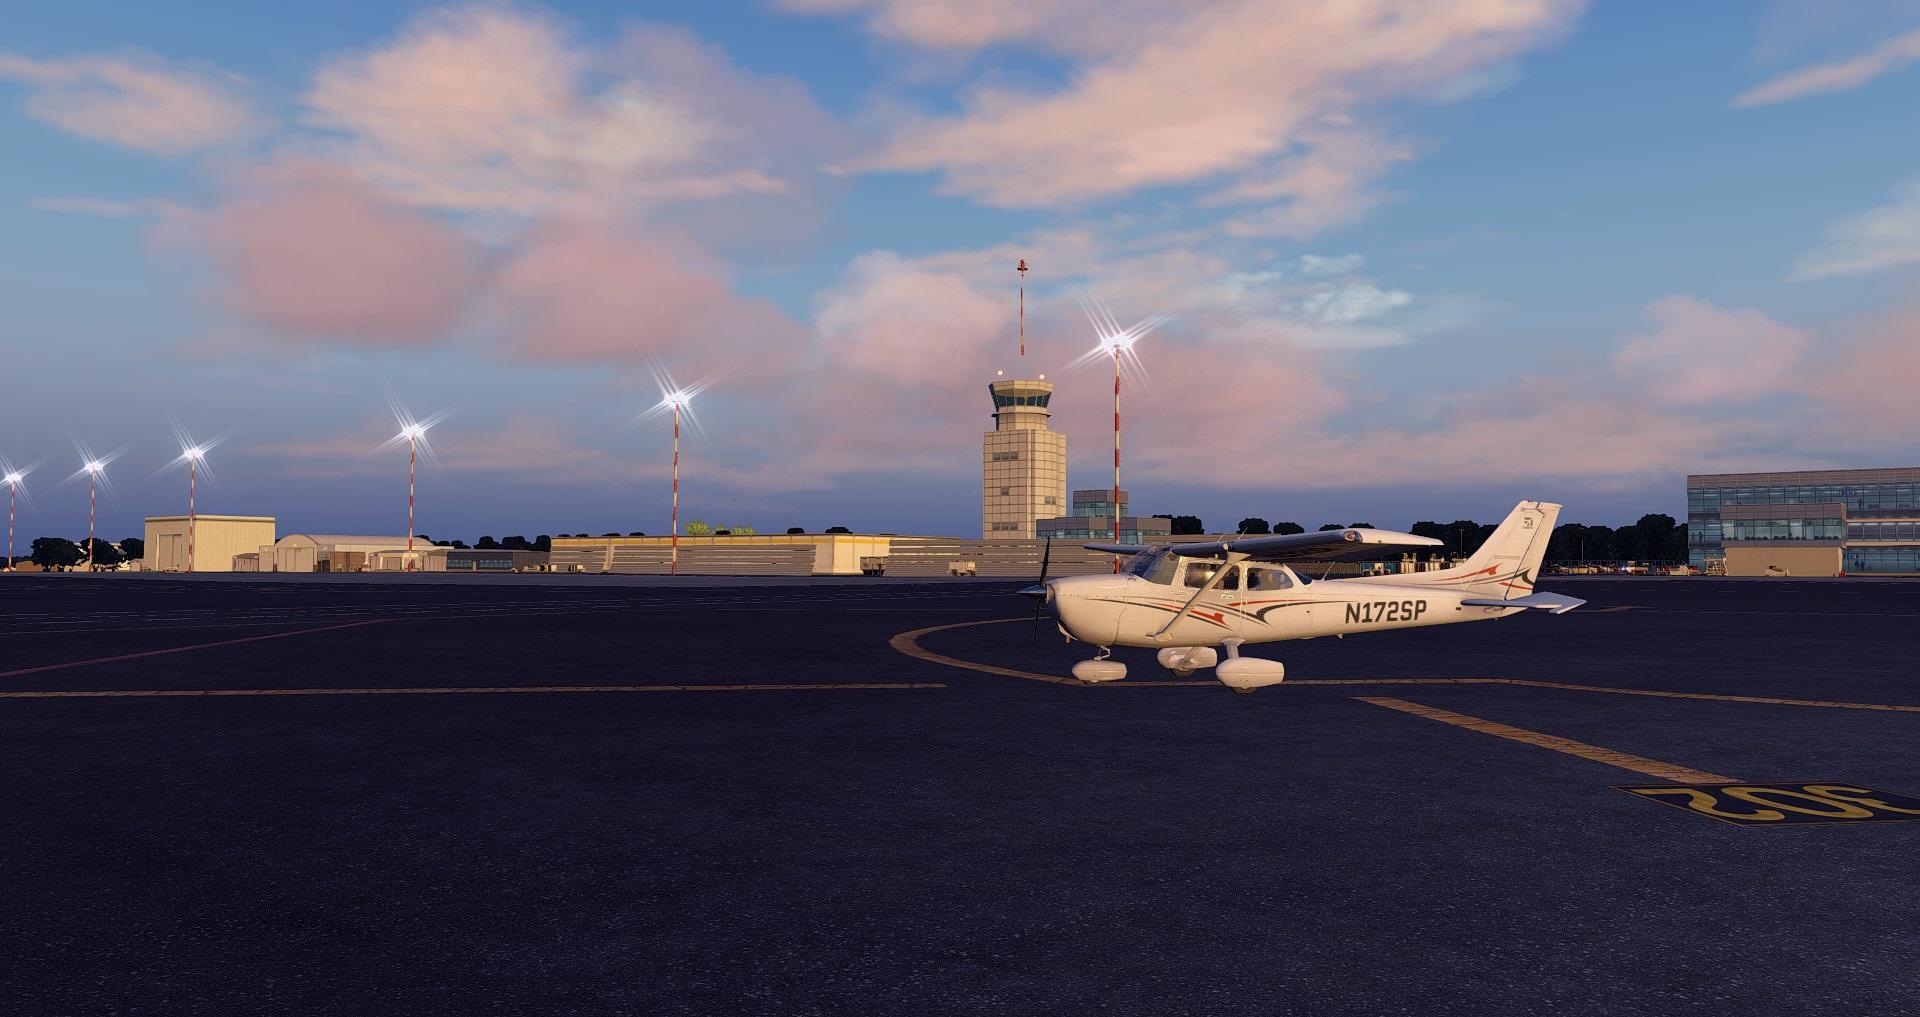 x-plane-2021-01-10-01-50-55.jpg